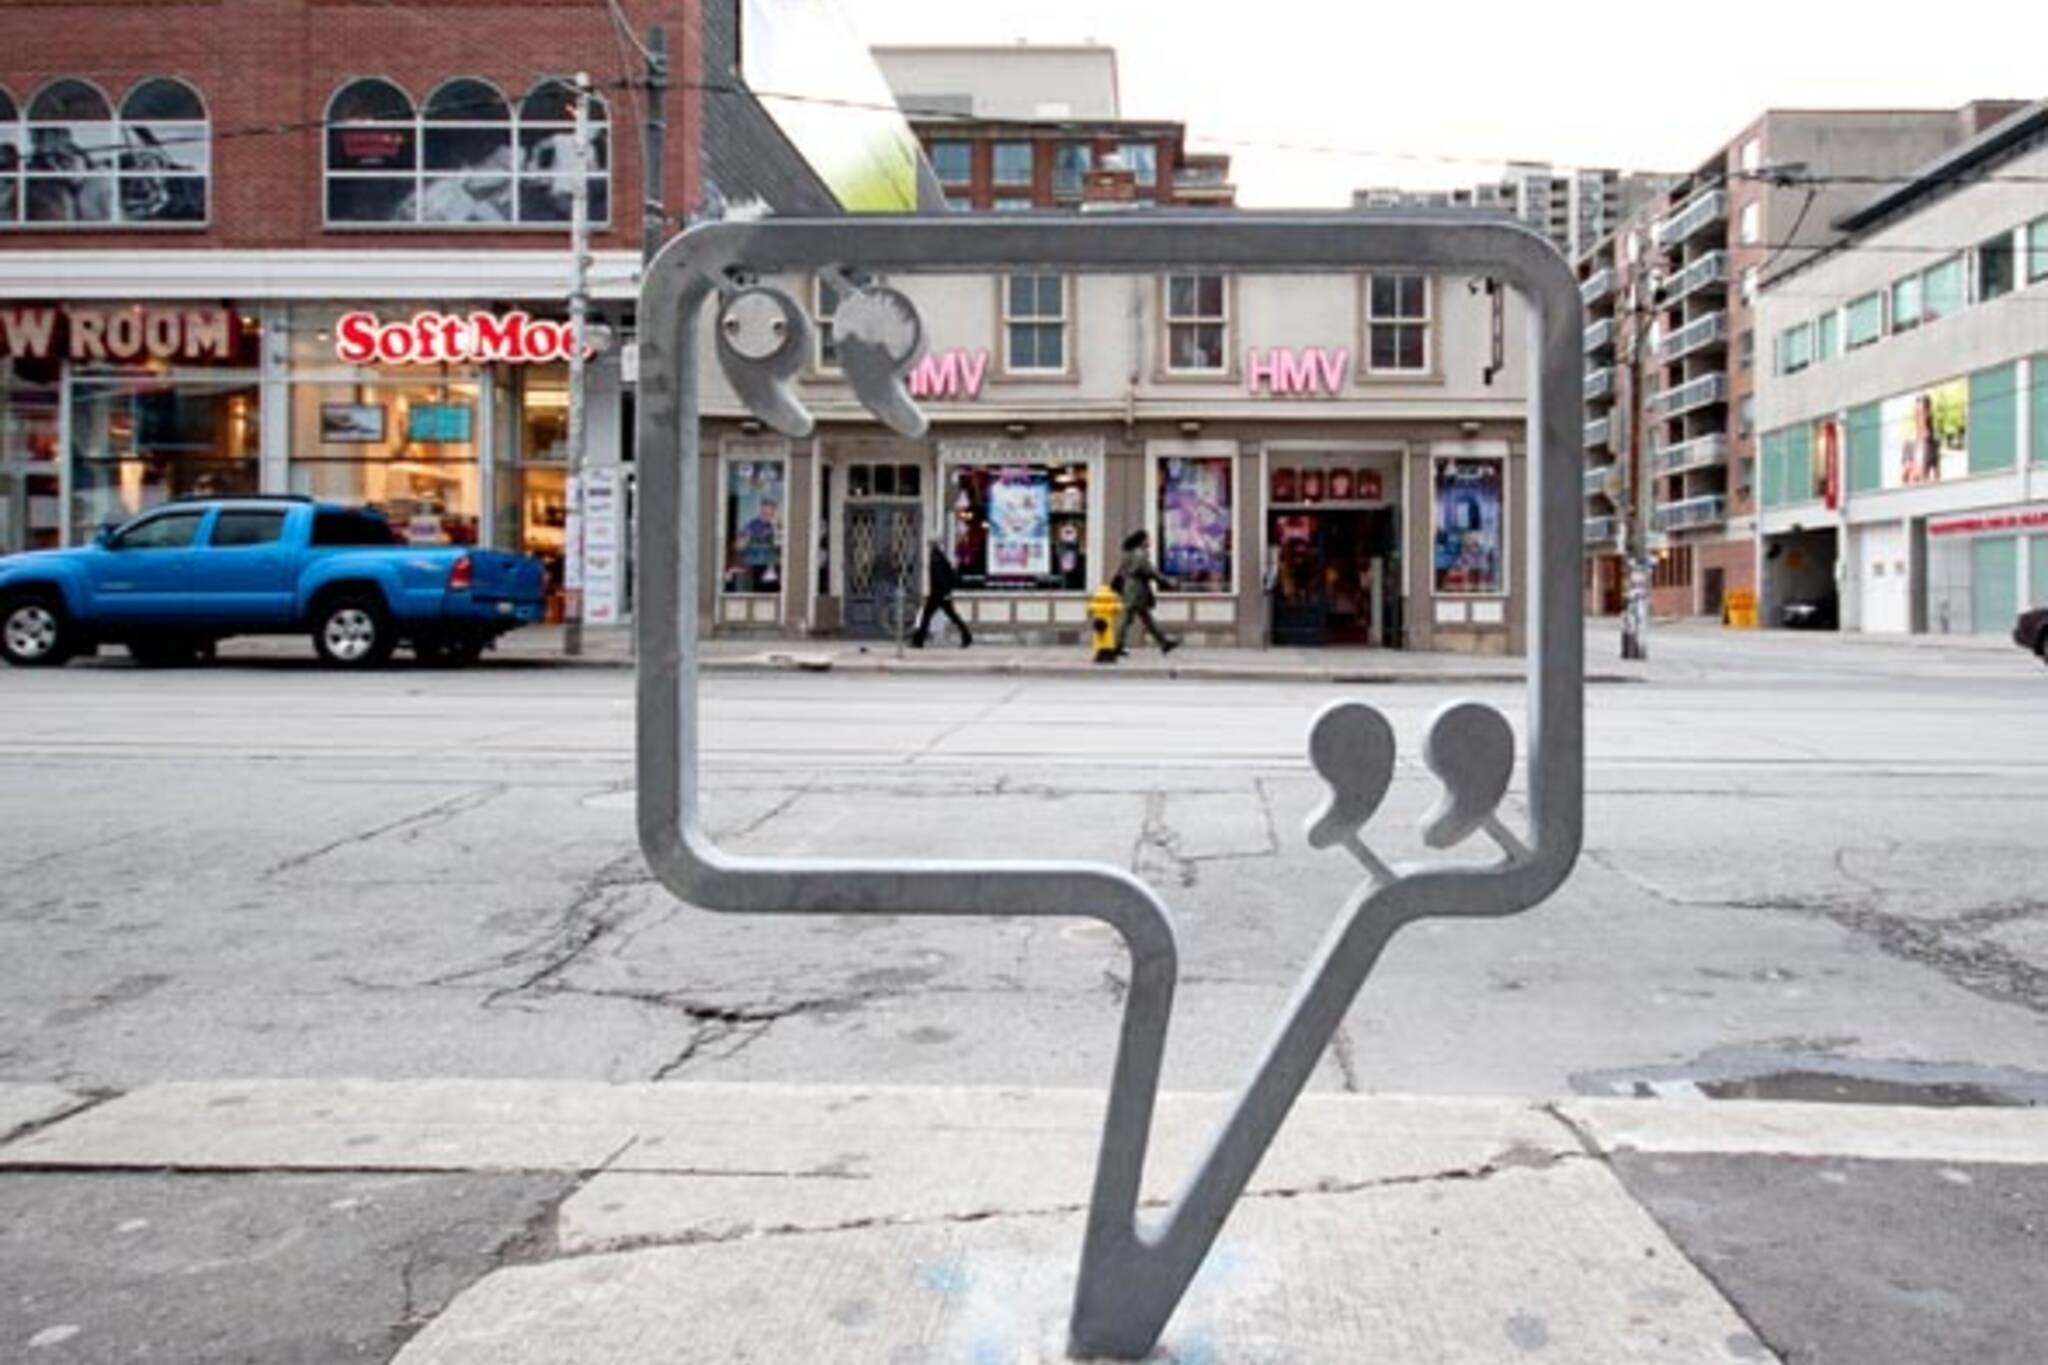 OCADU Bike Stand Queen Street